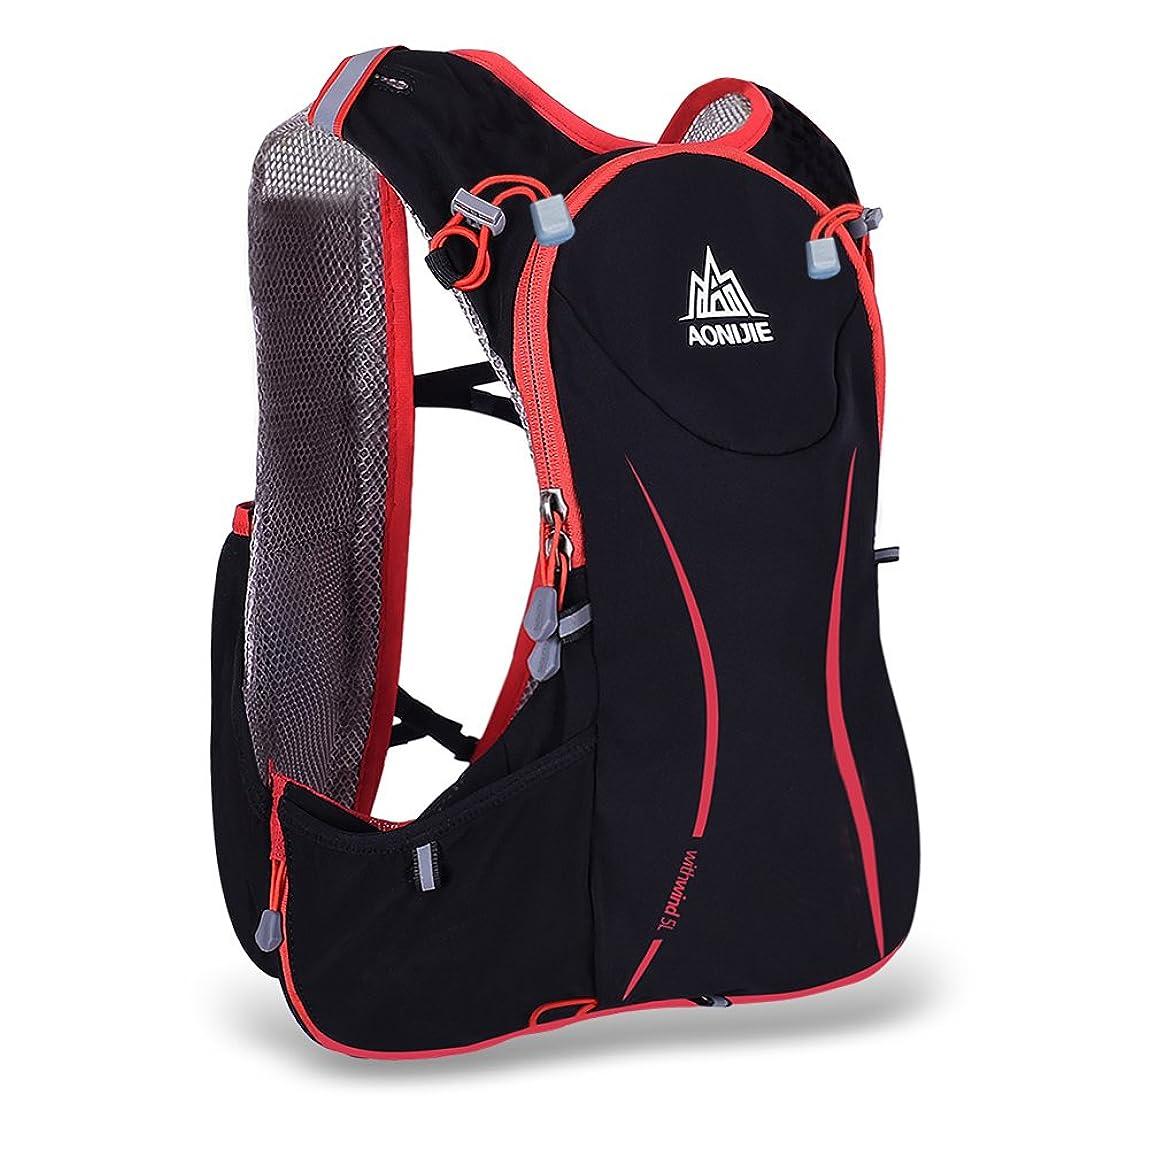 グリット圧倒的十分にDocooler ?AONIJIE 5L ハイドレーションバッグ ランニングベストバッグ 超軽量 1.5Lウォーターバッグ サイクリング ハイキング用